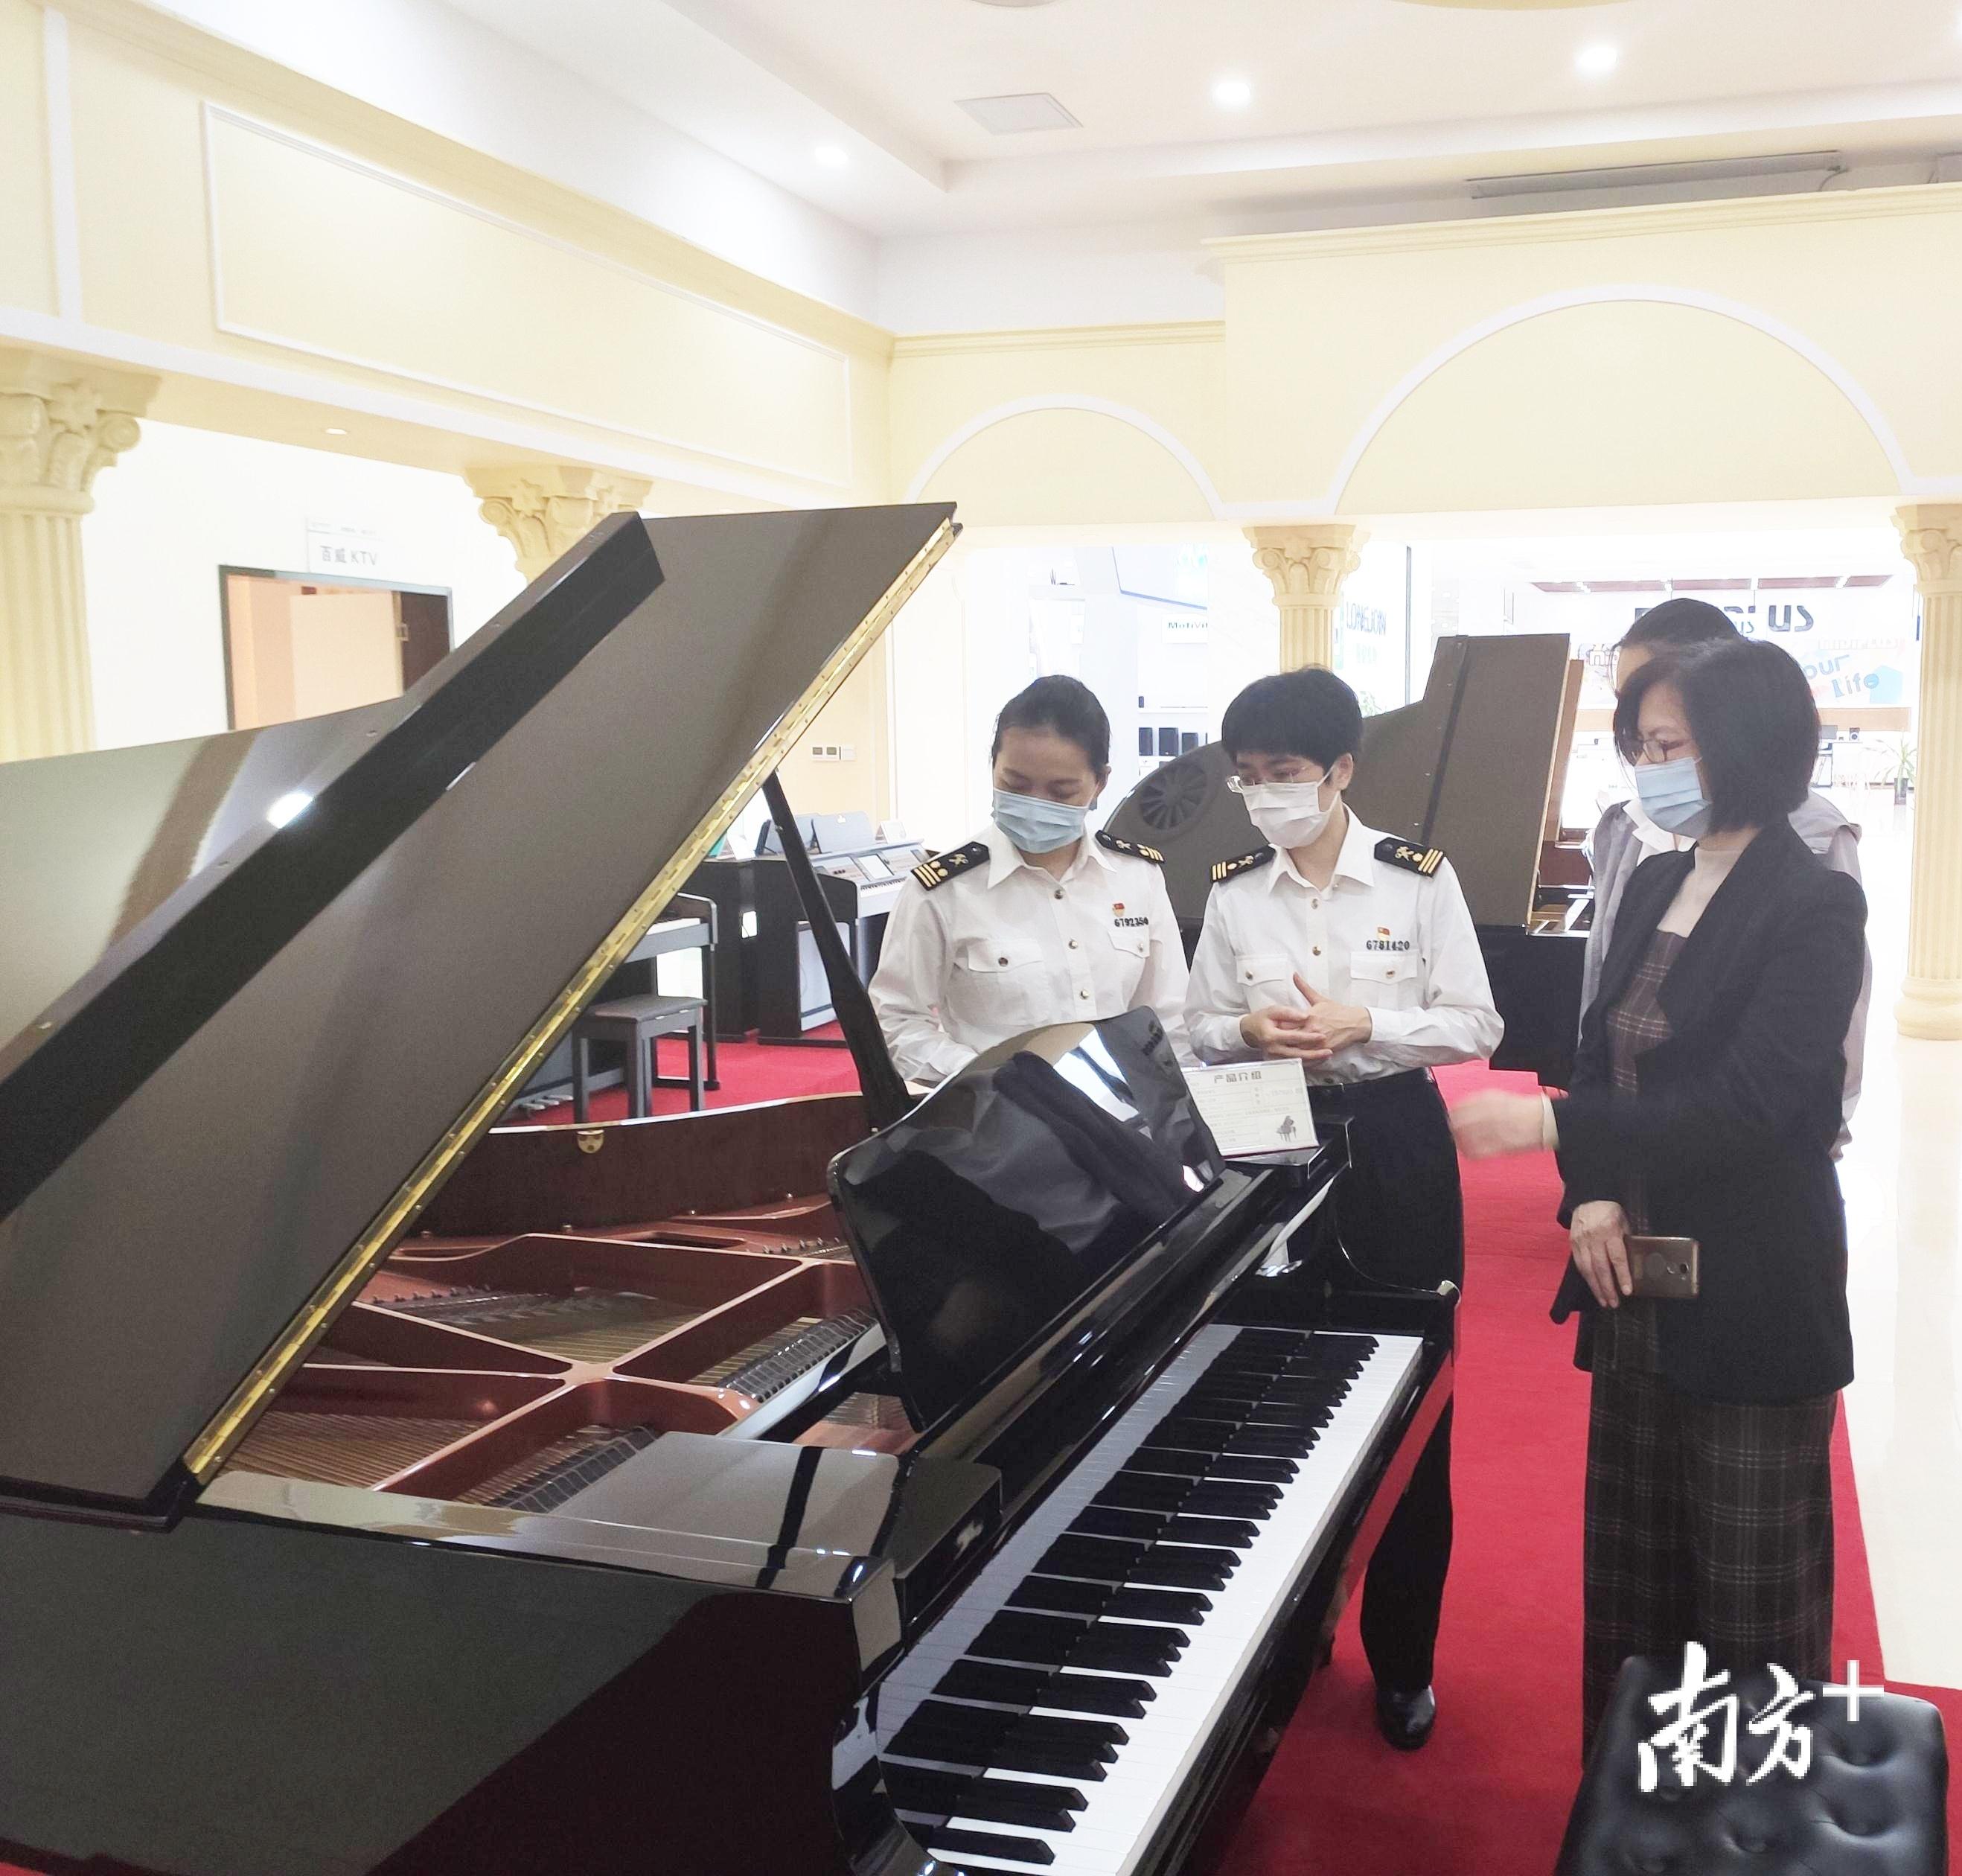 湛江海关所属霞海海关关员查看三角钢琴成品。